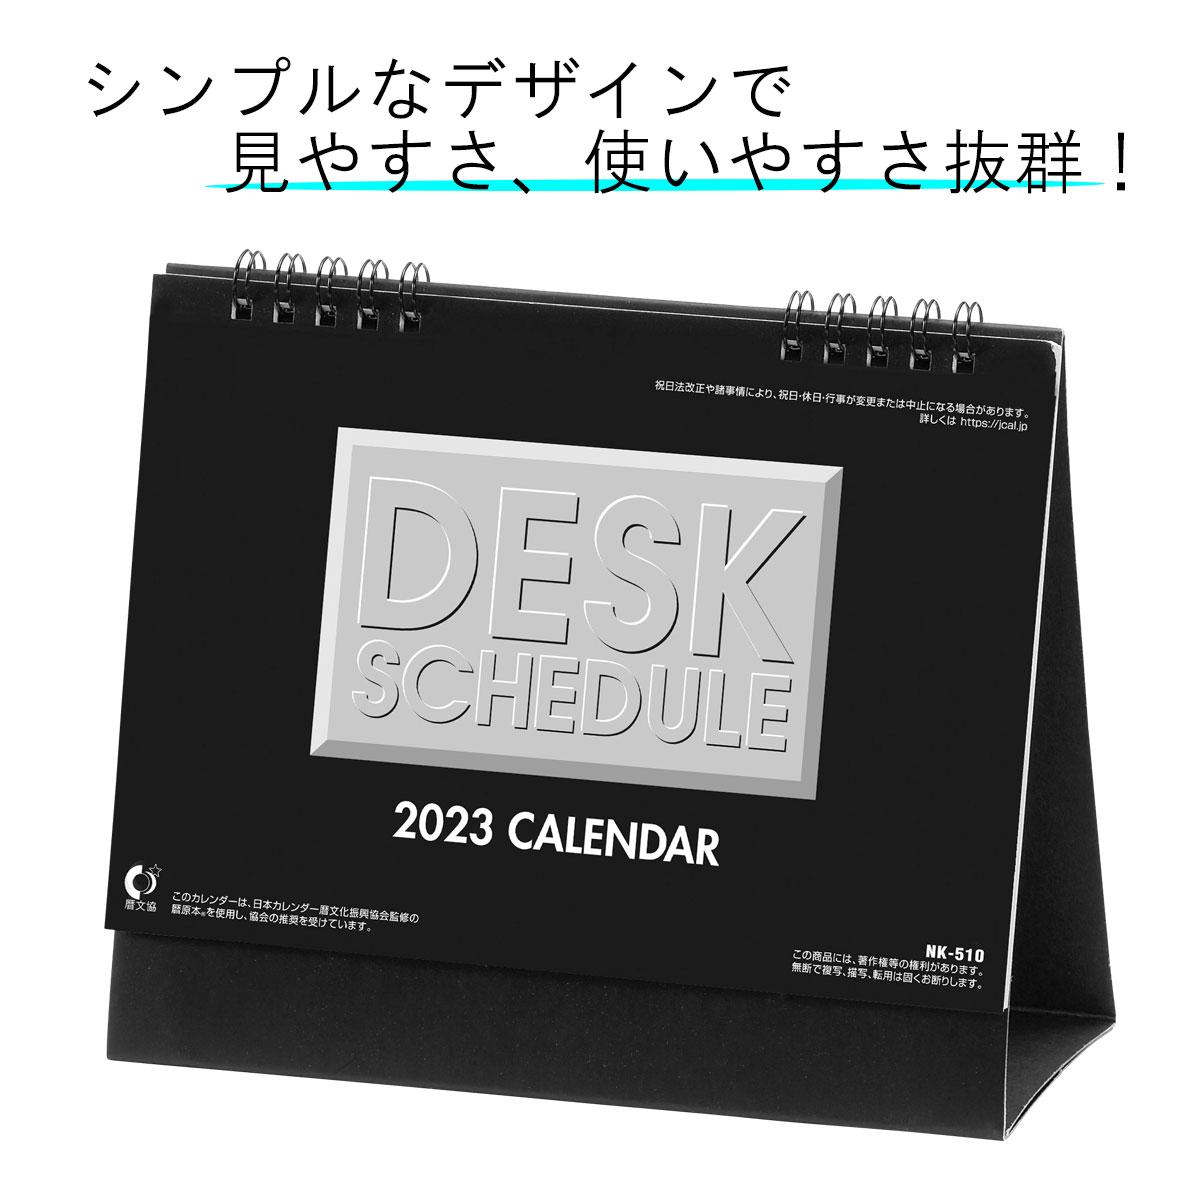 卓上カレンダー DESK SCHEDULE(デスクスケジュール)